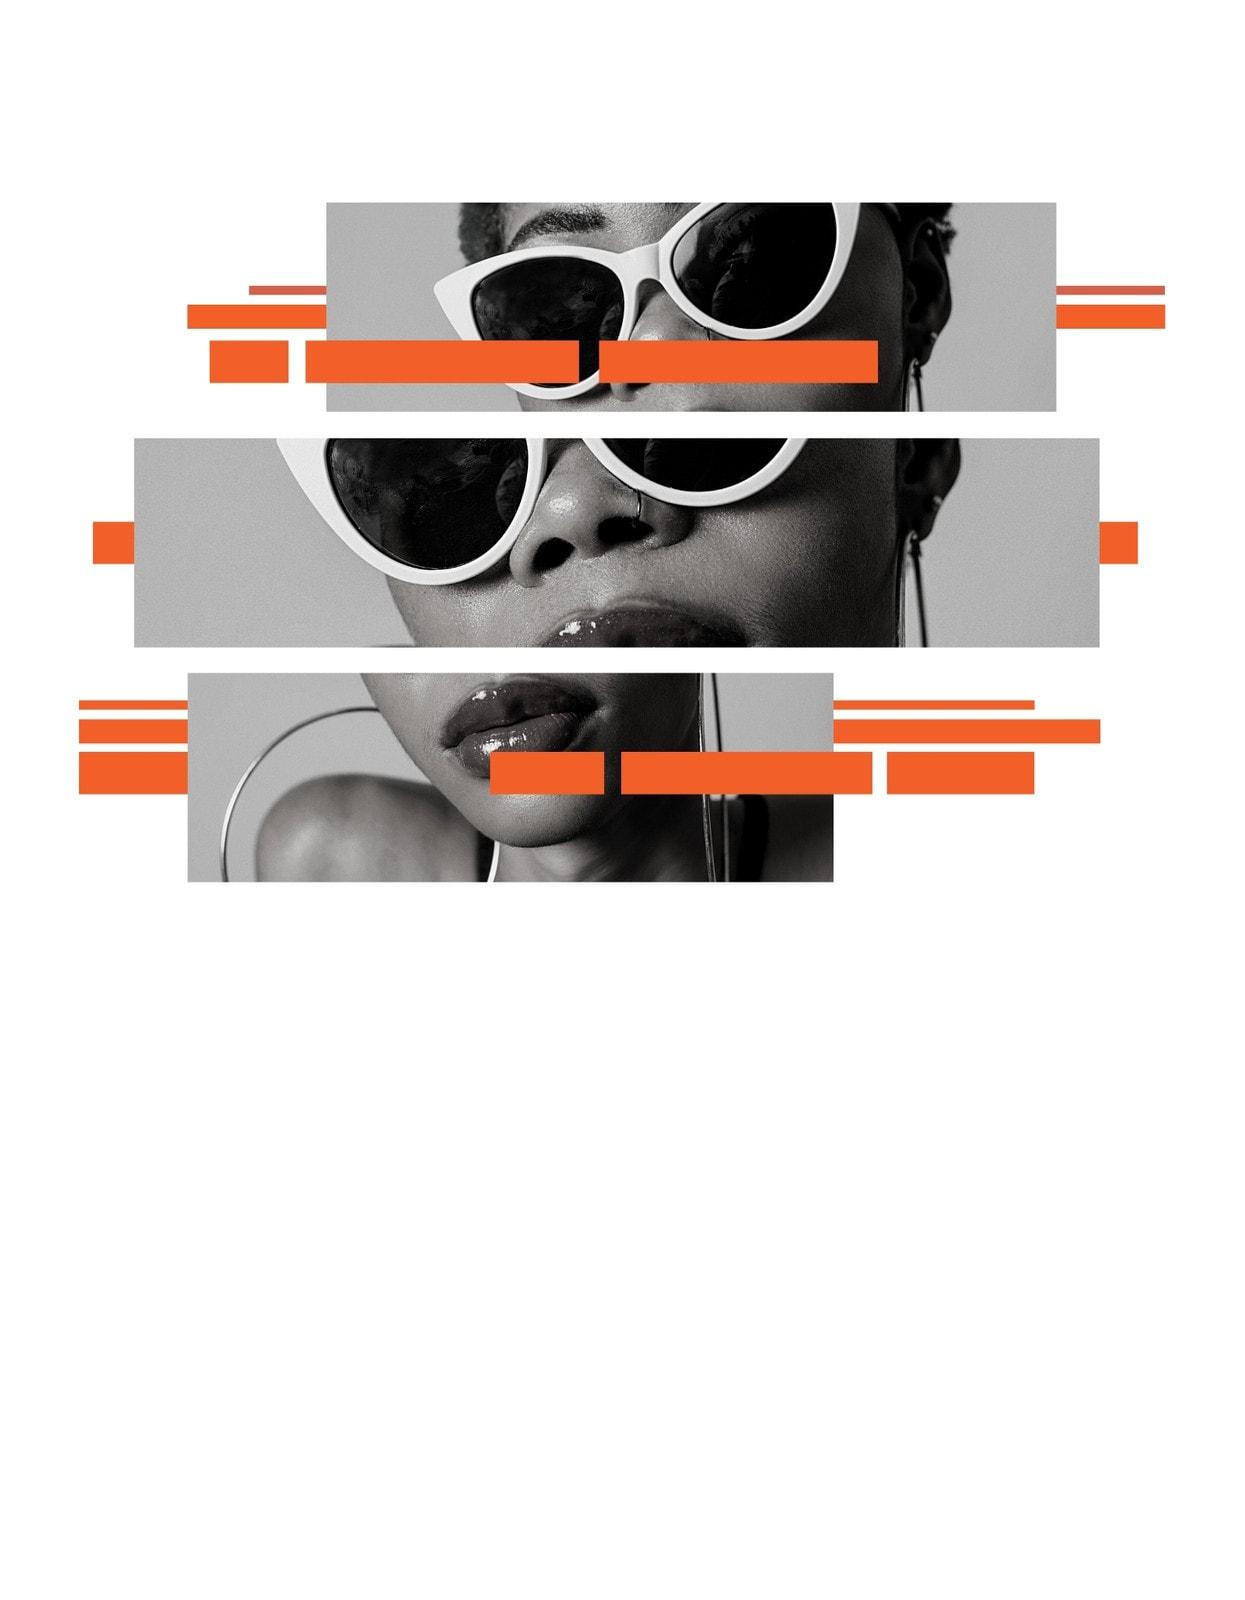 Оранжевый Черный и Белый Солнцезащитные очки Большой Сестра Минимальный Жирный Футболка